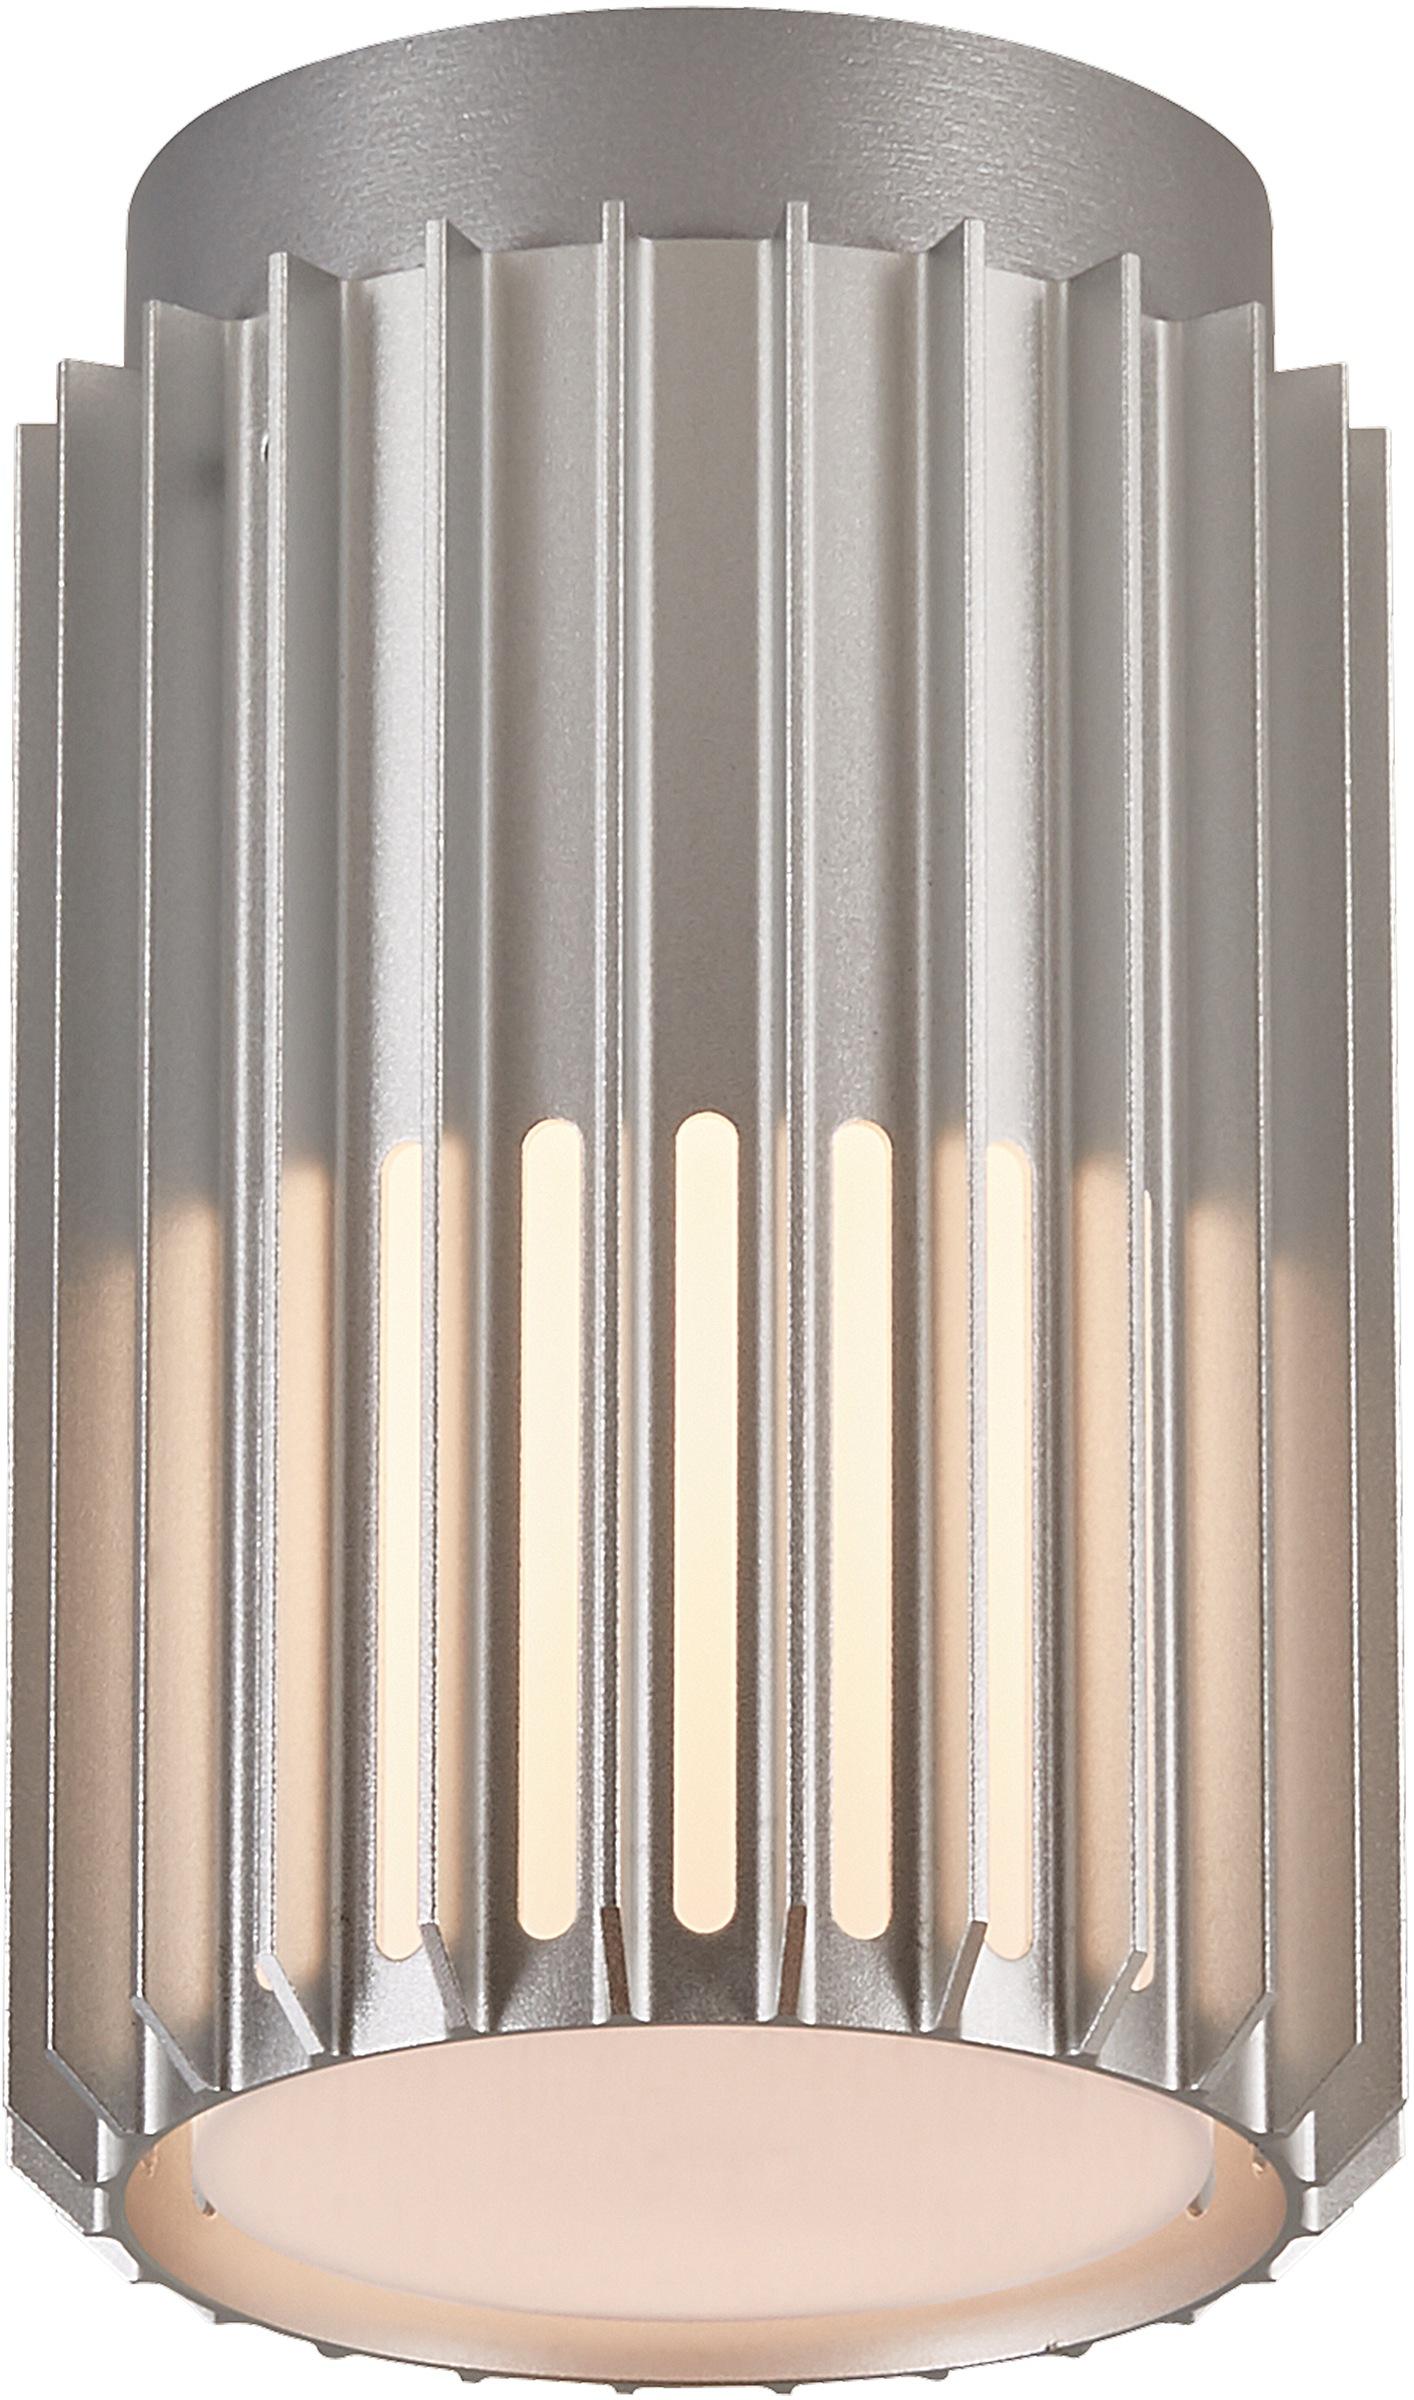 Nordlux Außen-Deckenleuchte MATR, E27, langlebiges eloxiertes Aluminium